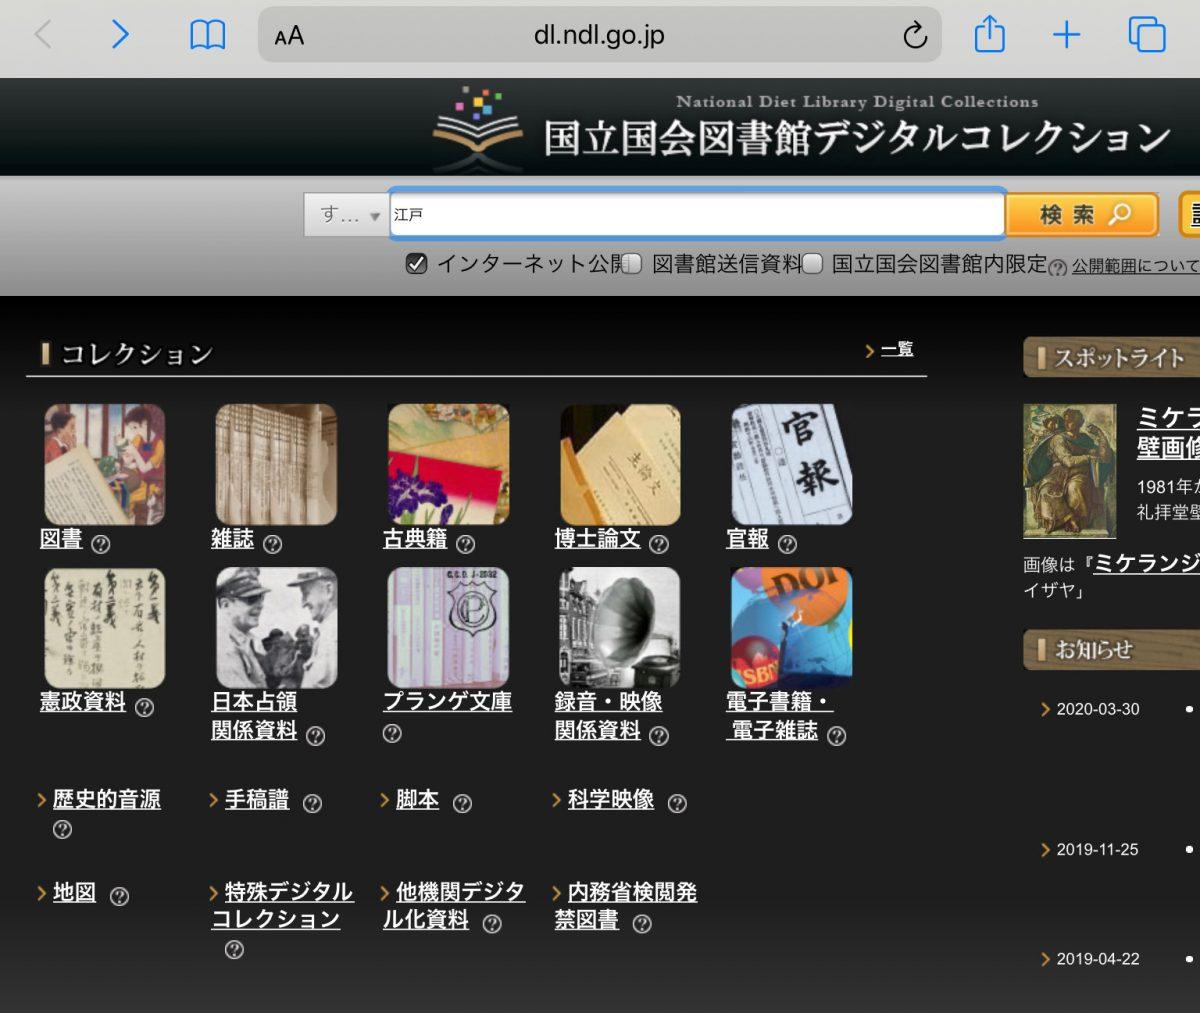 国会 コレクション デジタル 国立 図書館